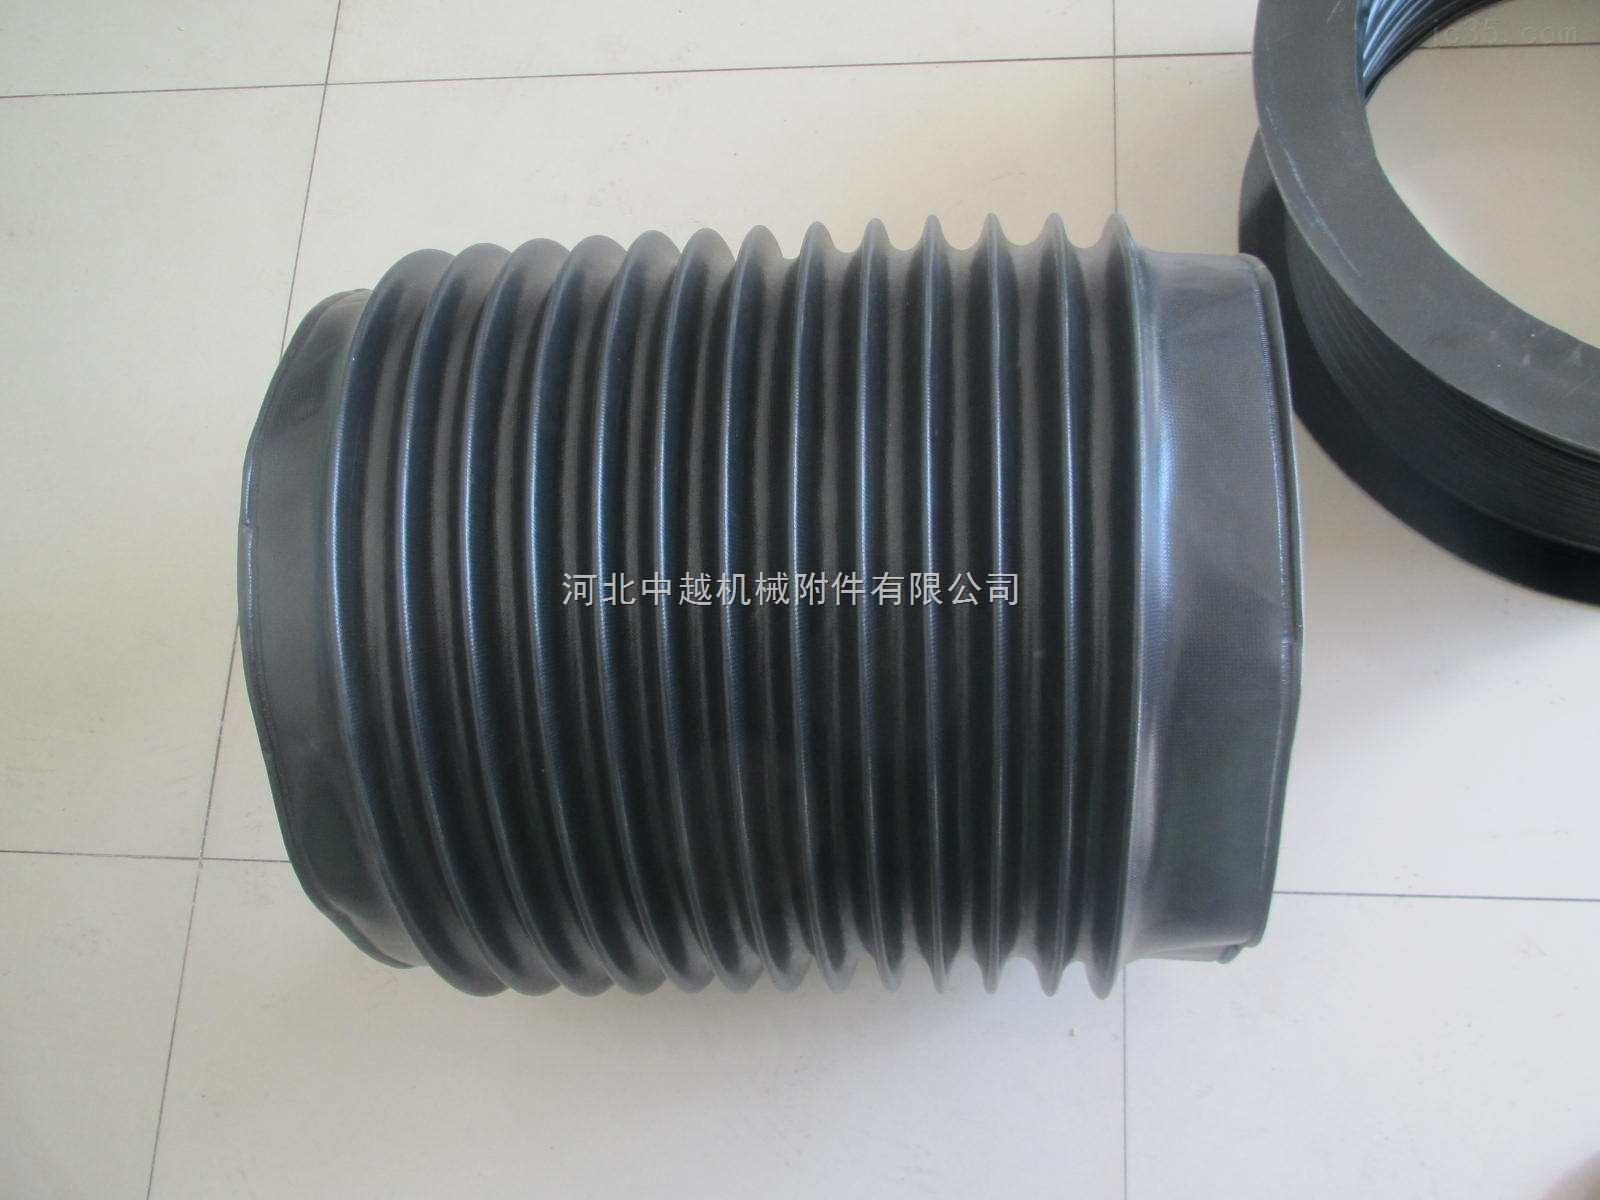 出售批量防水耐磨油缸伸缩橡胶丝杠防护罩